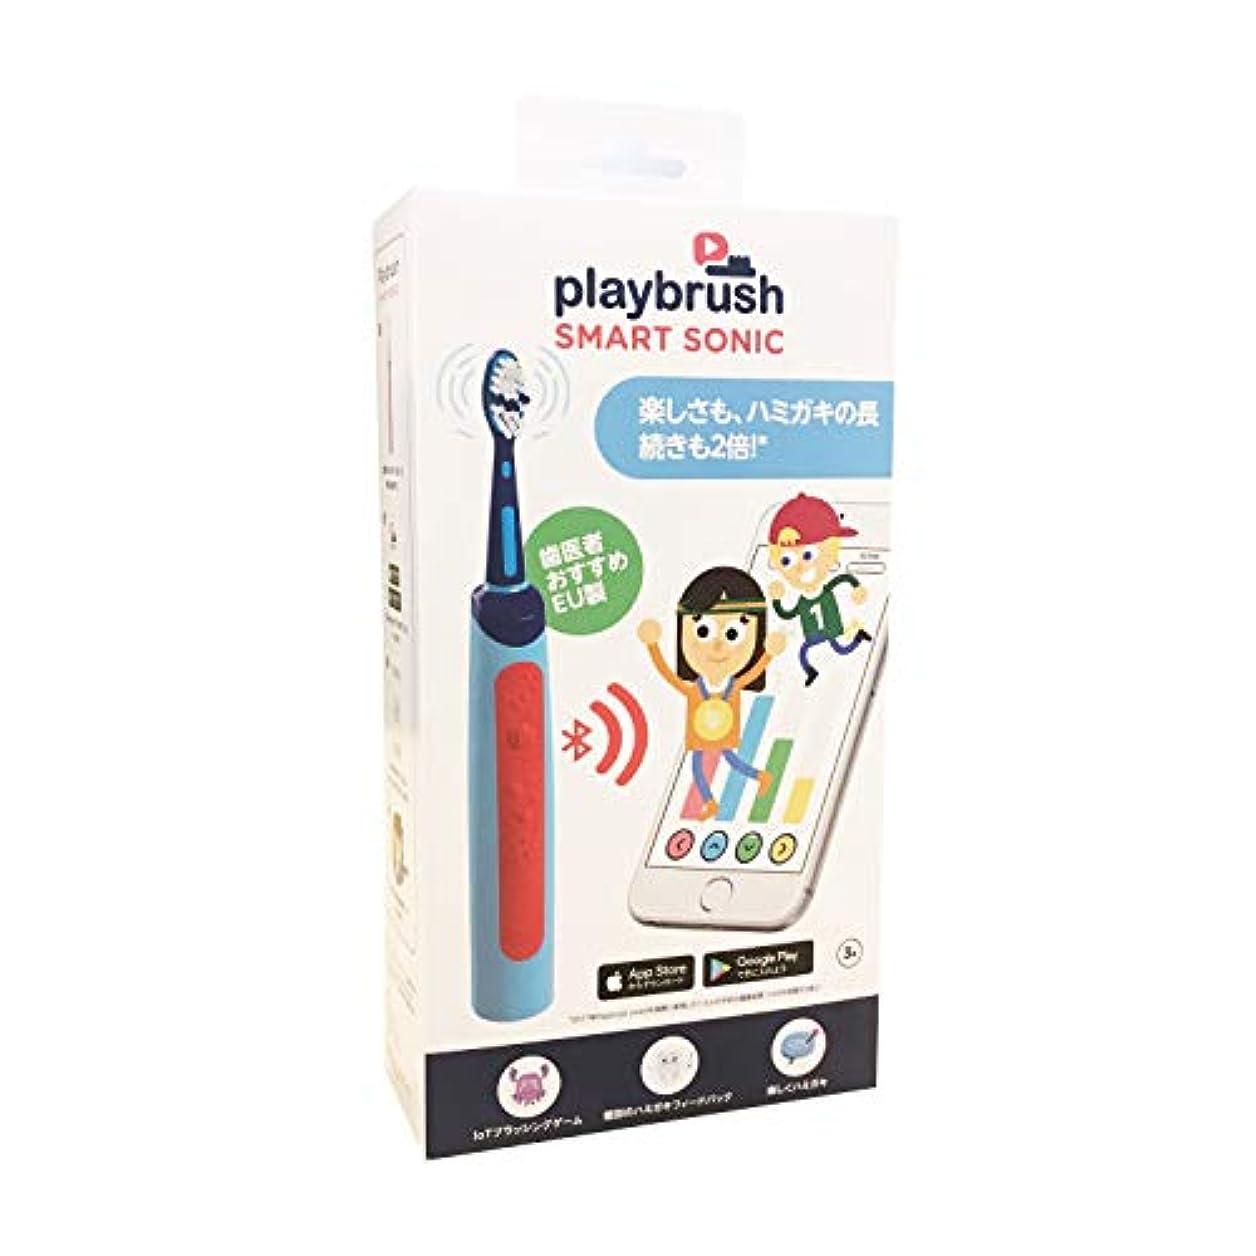 式ヤングヨーグルト【ヨーロッパ製 アプリで正しいハミガキを身につけられる子供用 知育歯ブラシ】プレイブラッシュ スマート ソニック Playbrush Smart Sonic 子供用電動歯ブラシ 子供用